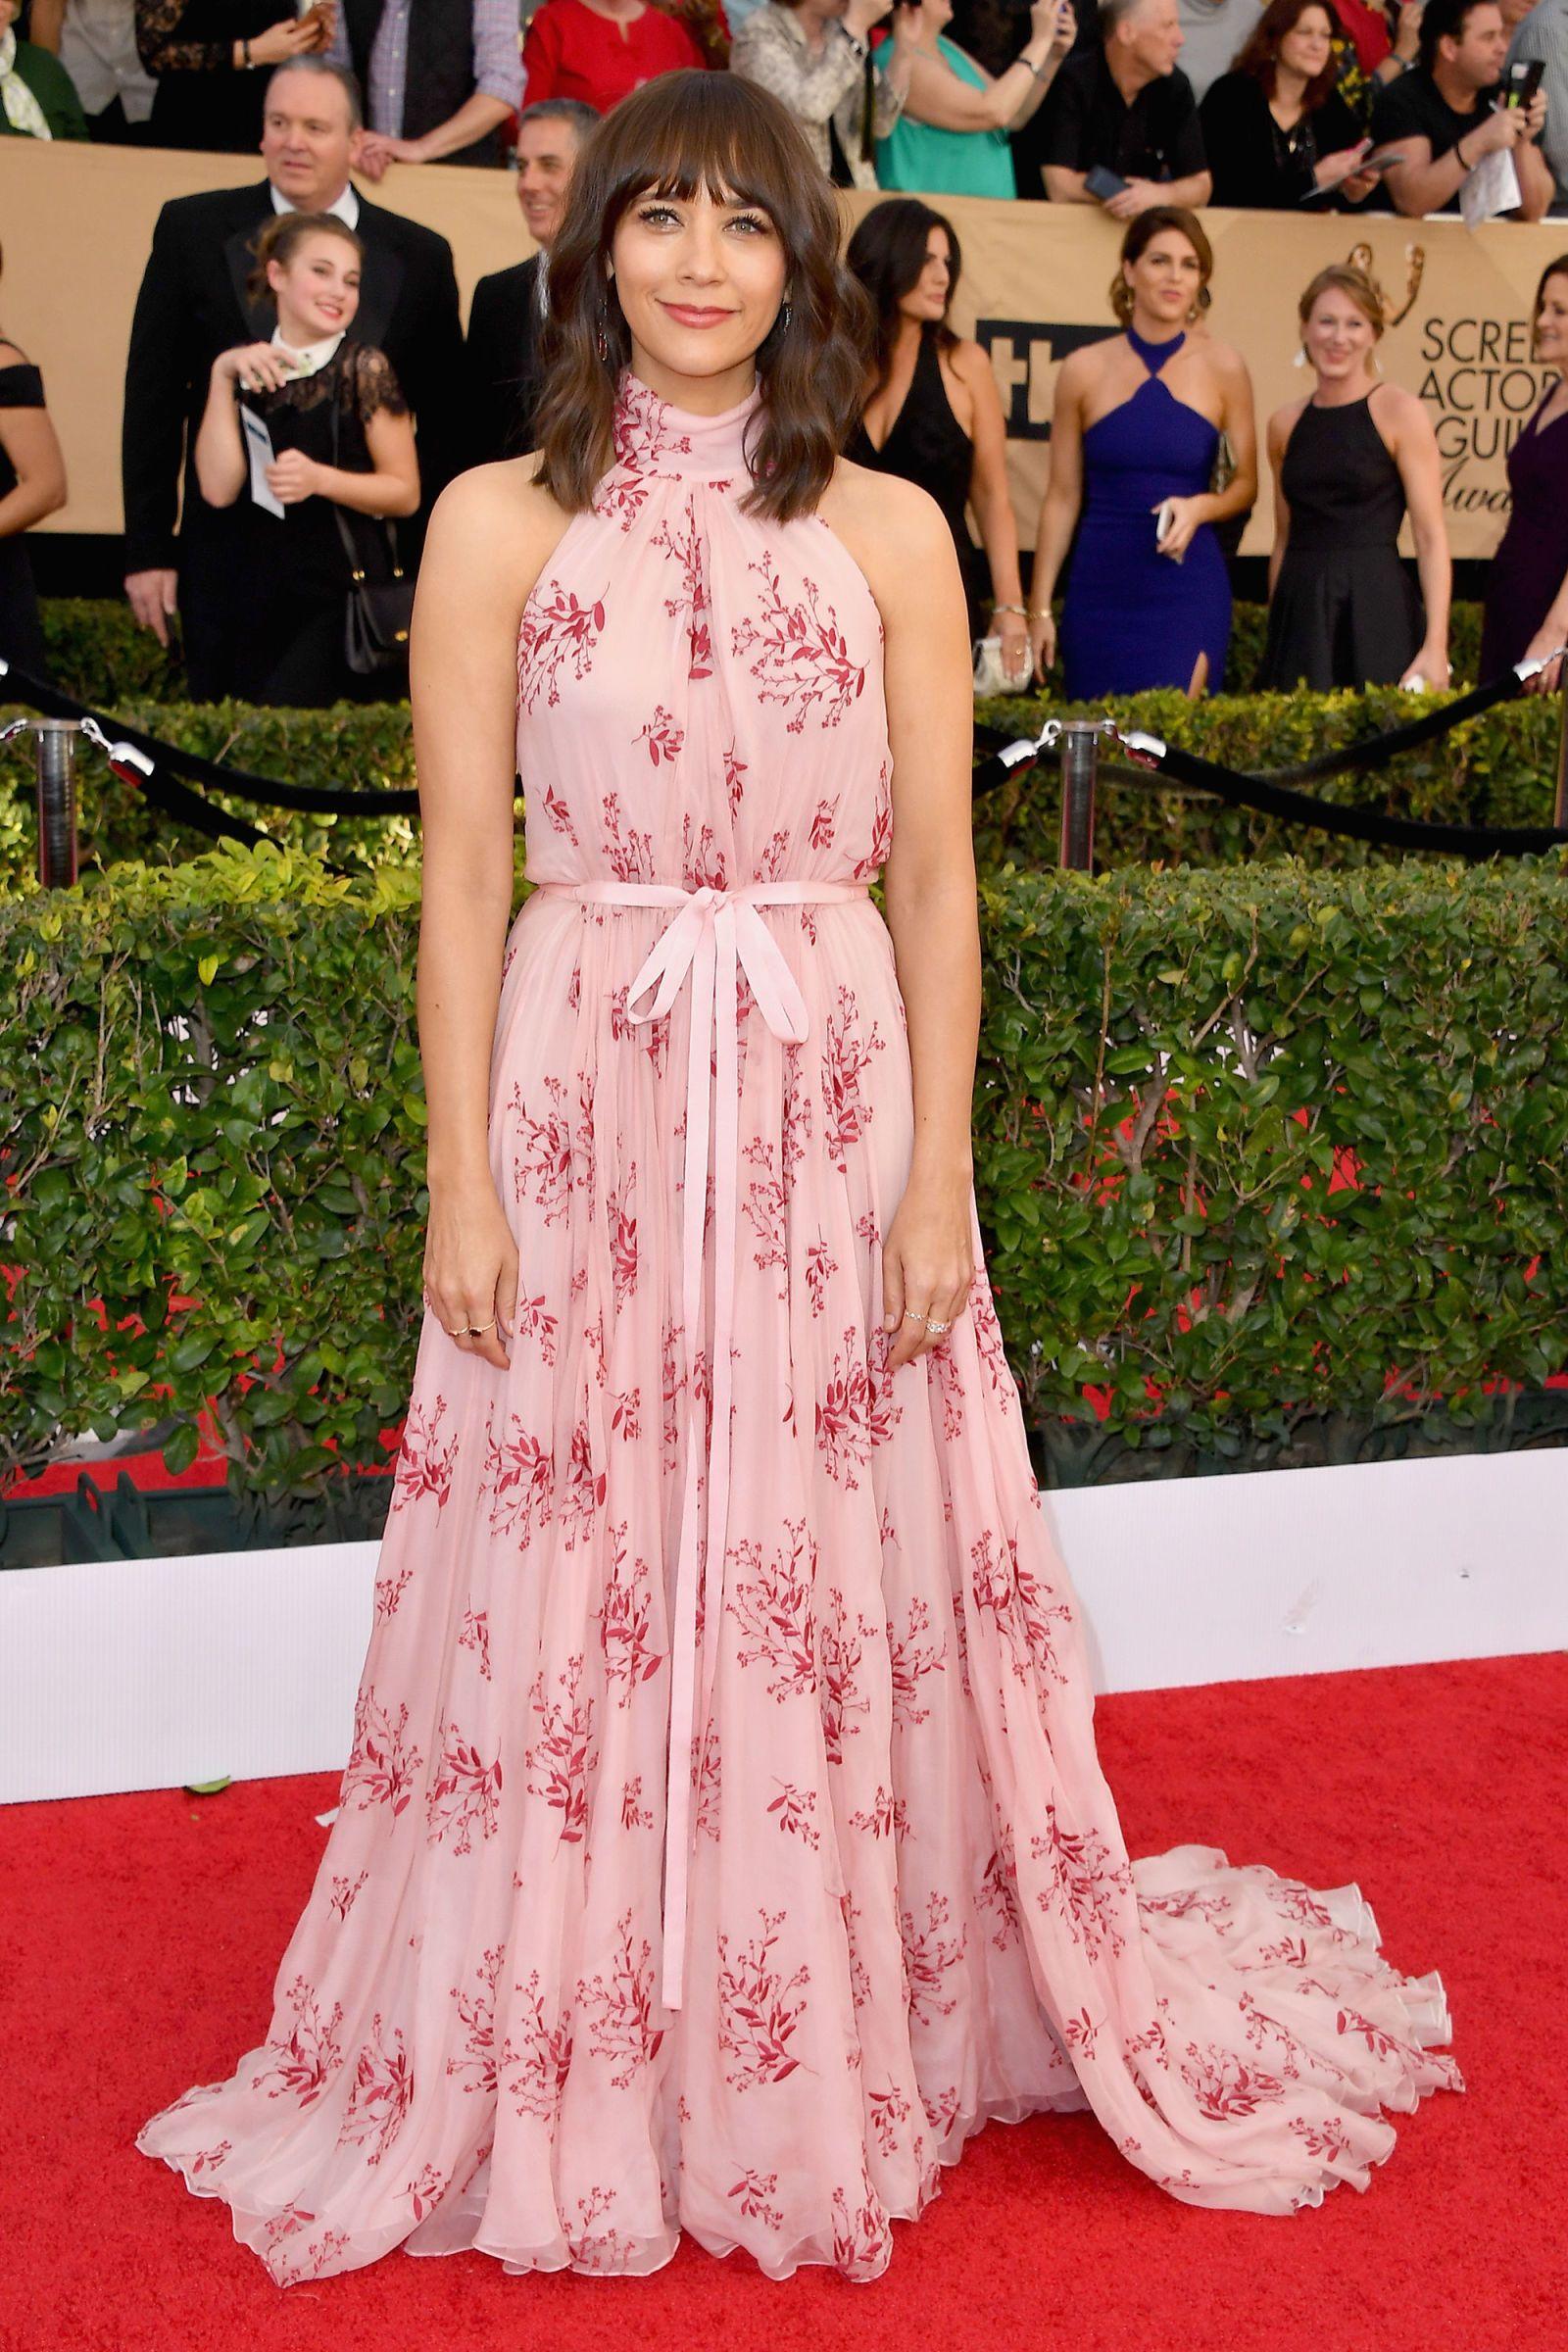 Rashida Jones - Vivienne Westwood | Best Dressed IV | Pinterest